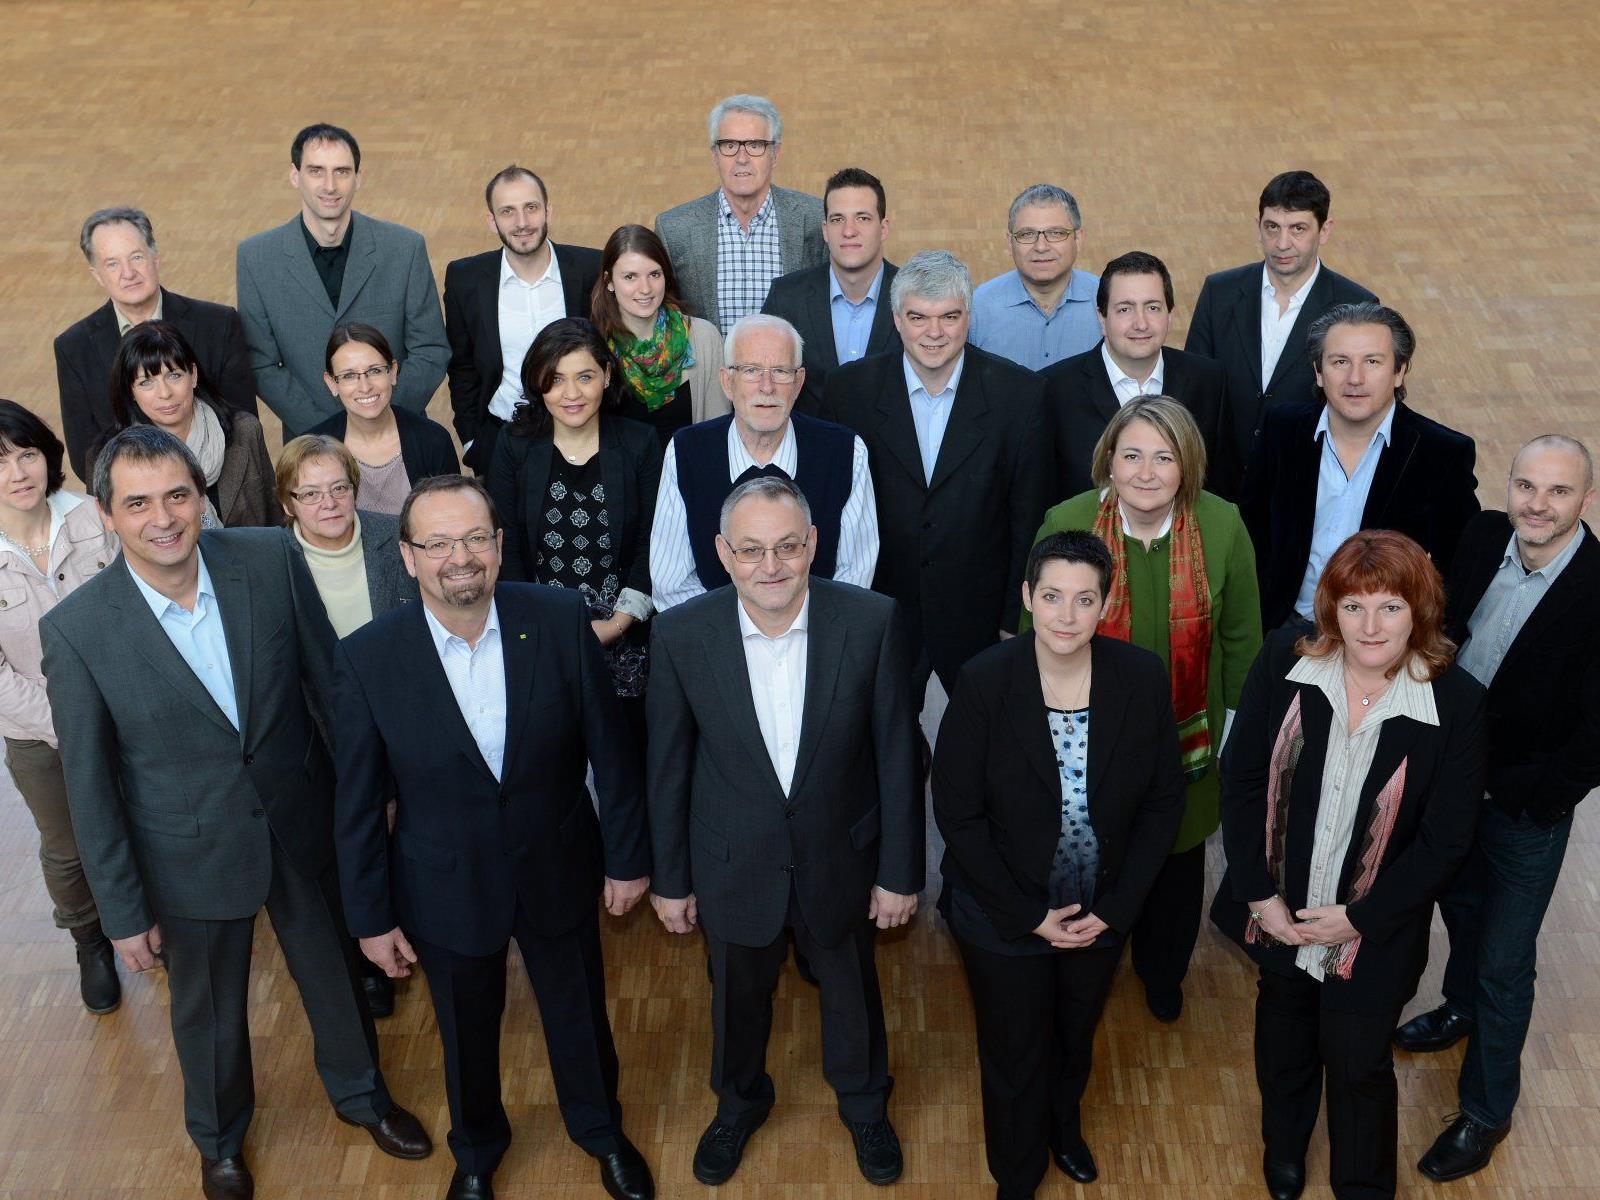 Das Team der ÖVP und Parteiunabhängigen in Mäder